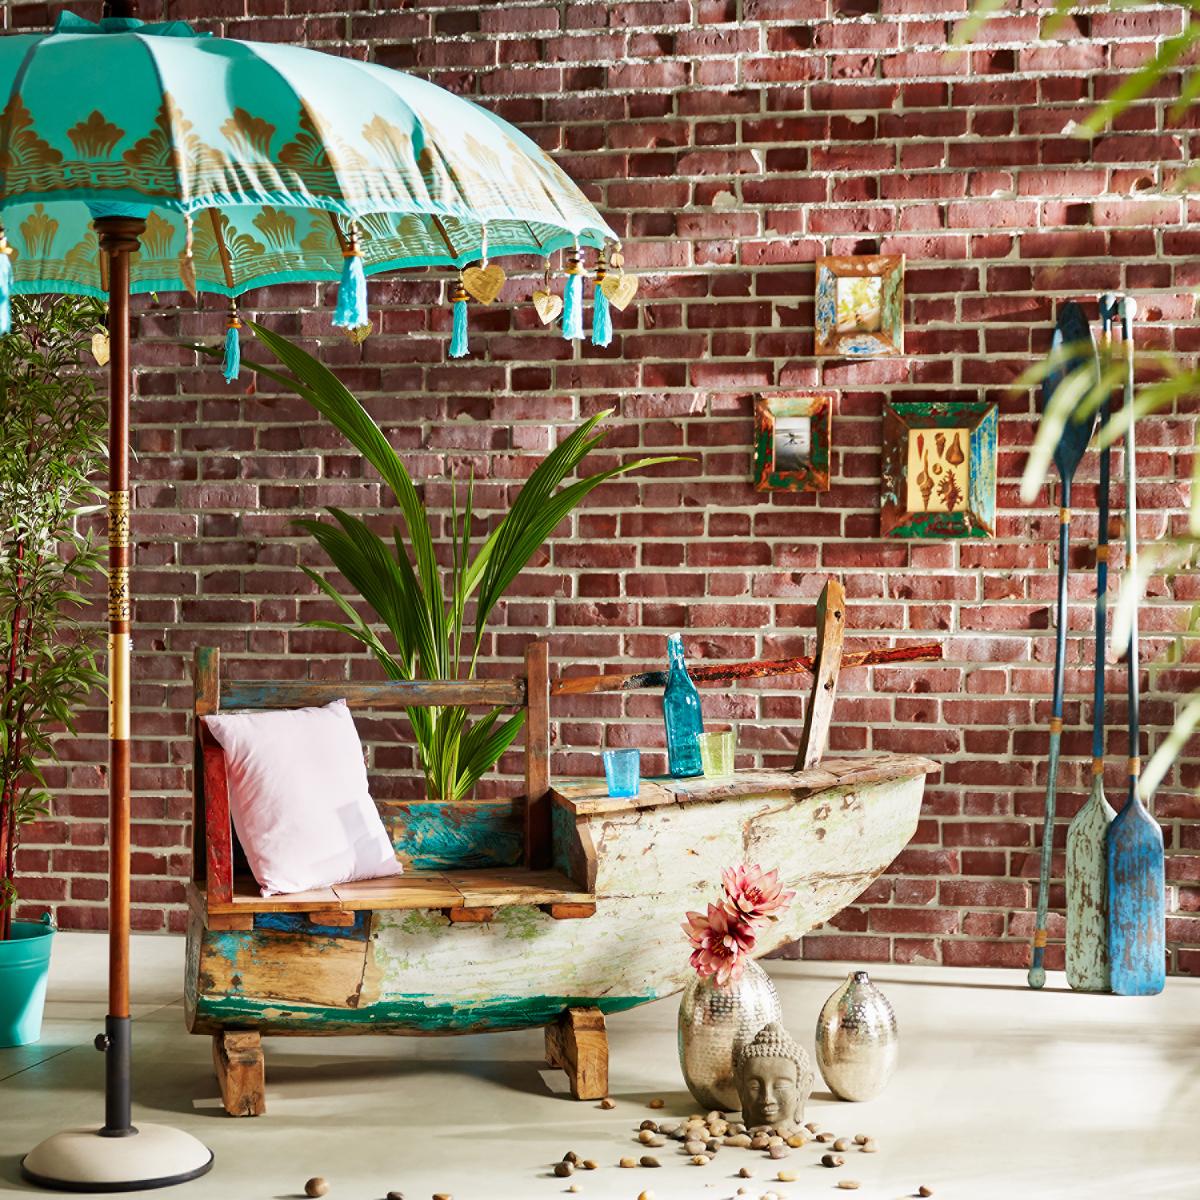 oriental lounge sonnenschirm wishlist pinterest sonnenschirm oriental und lounges. Black Bedroom Furniture Sets. Home Design Ideas